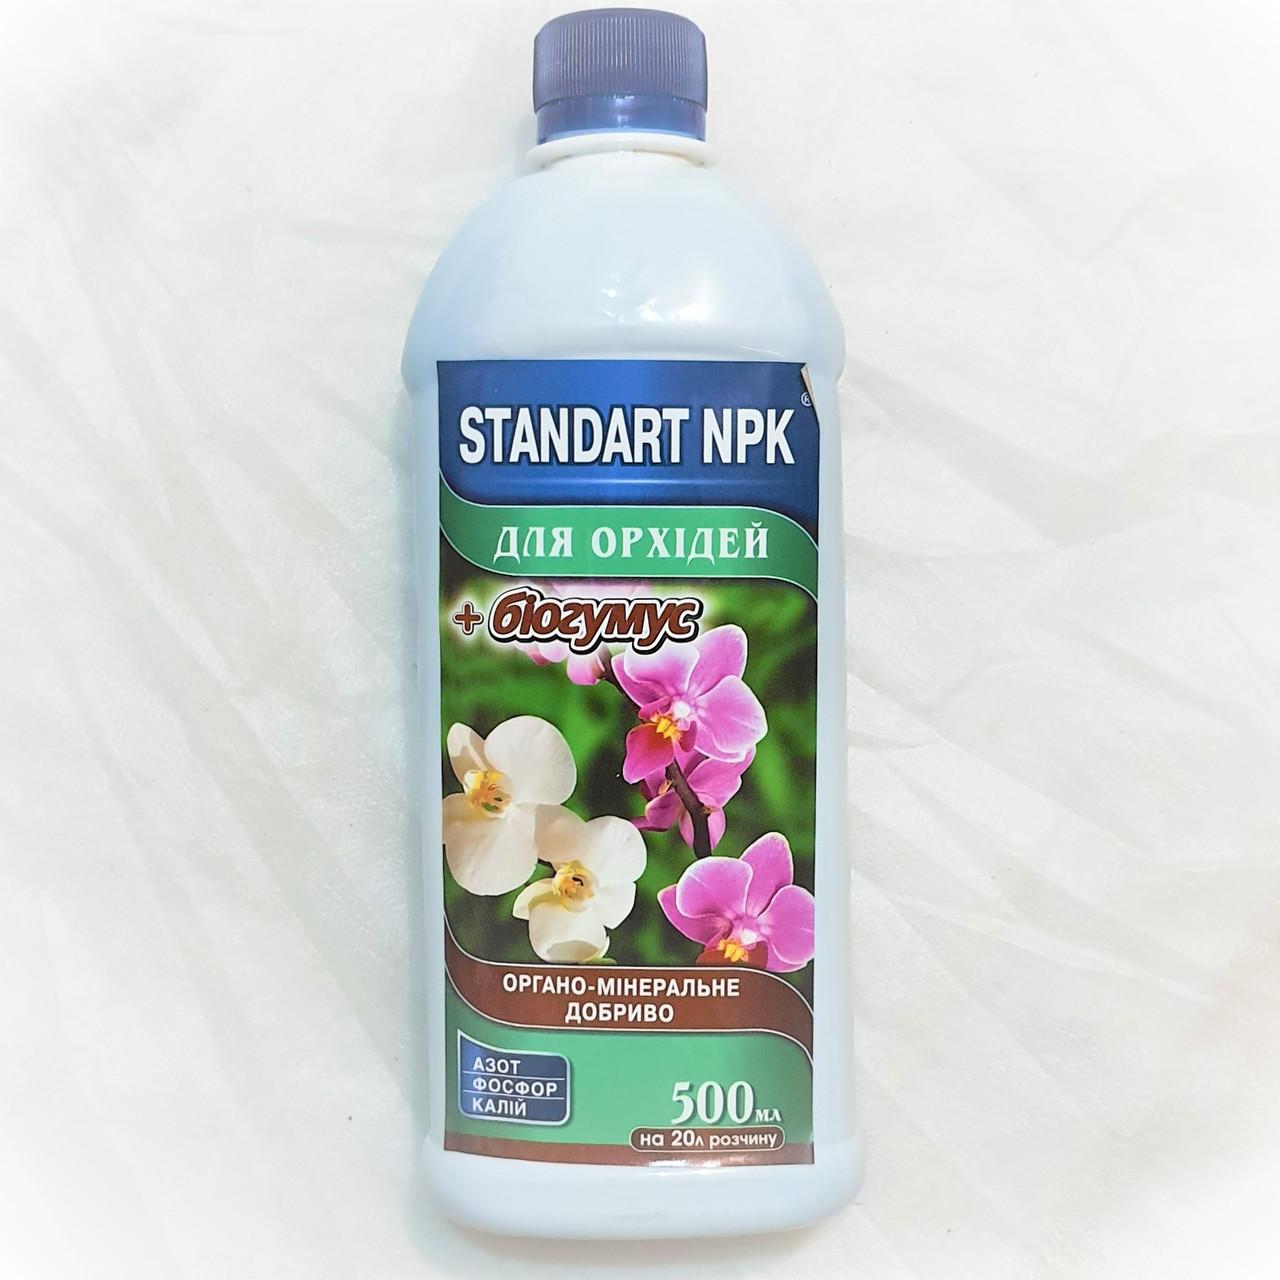 Органо-минеральное удобрение STANDART NPK для Орхидей, 500 мл - Товары для Орхидей